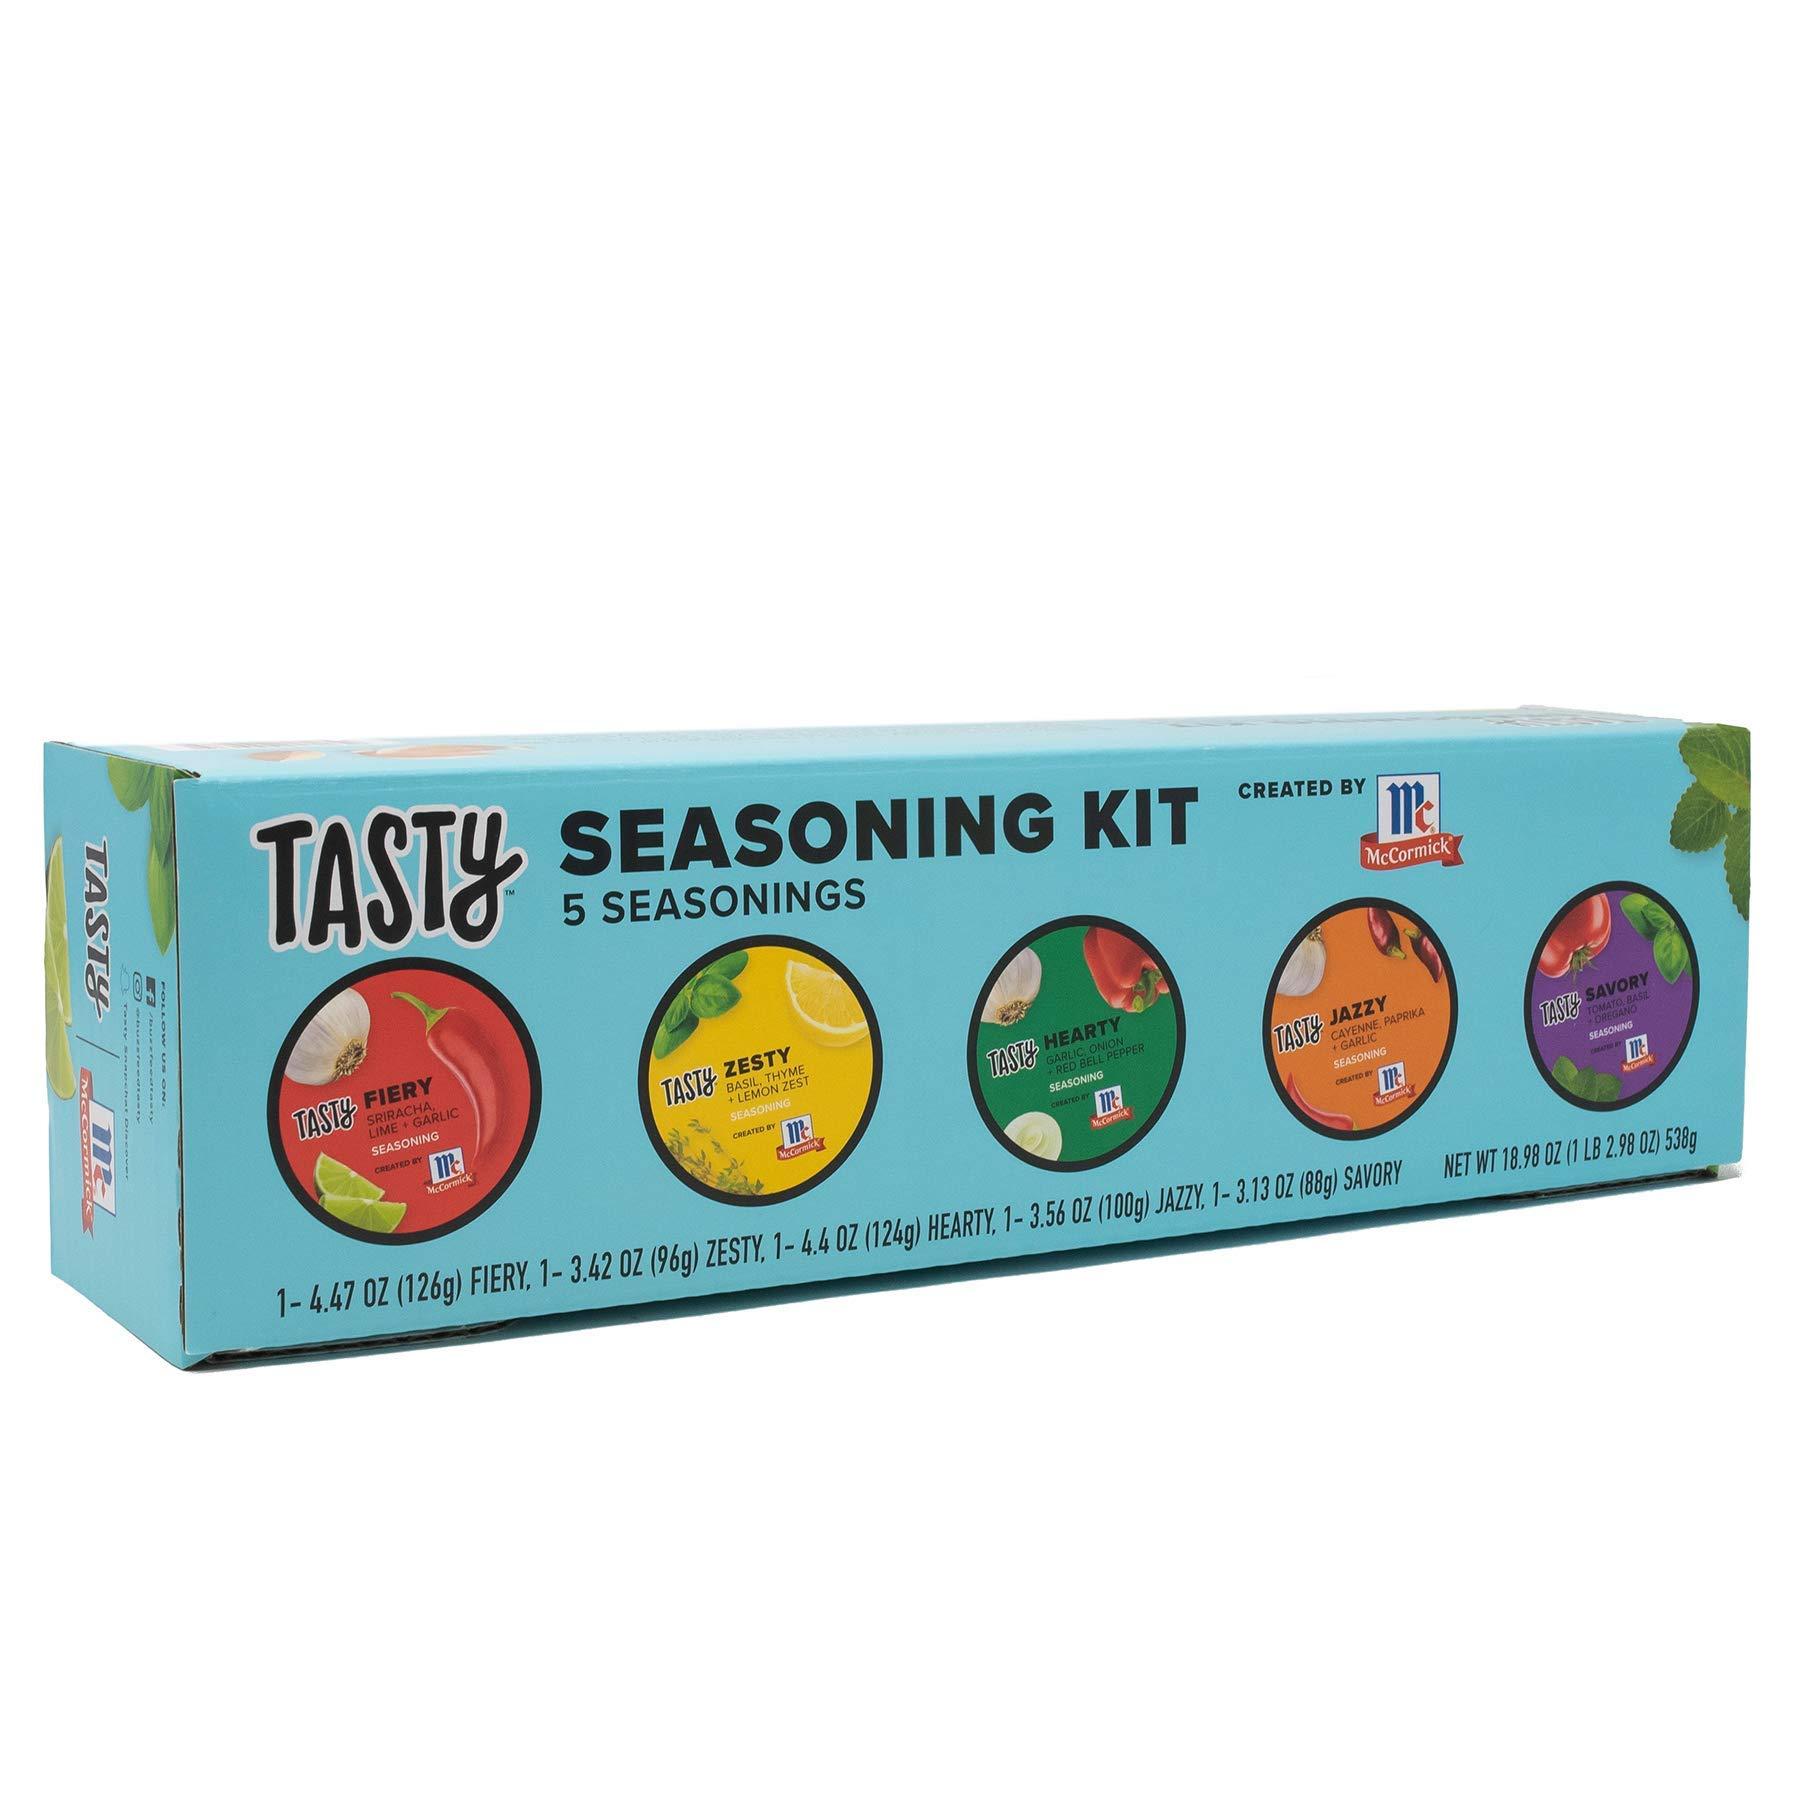 Tasty Seasoning Kit Created by McCormick (5 Seasoning Blends), 18.98 oz